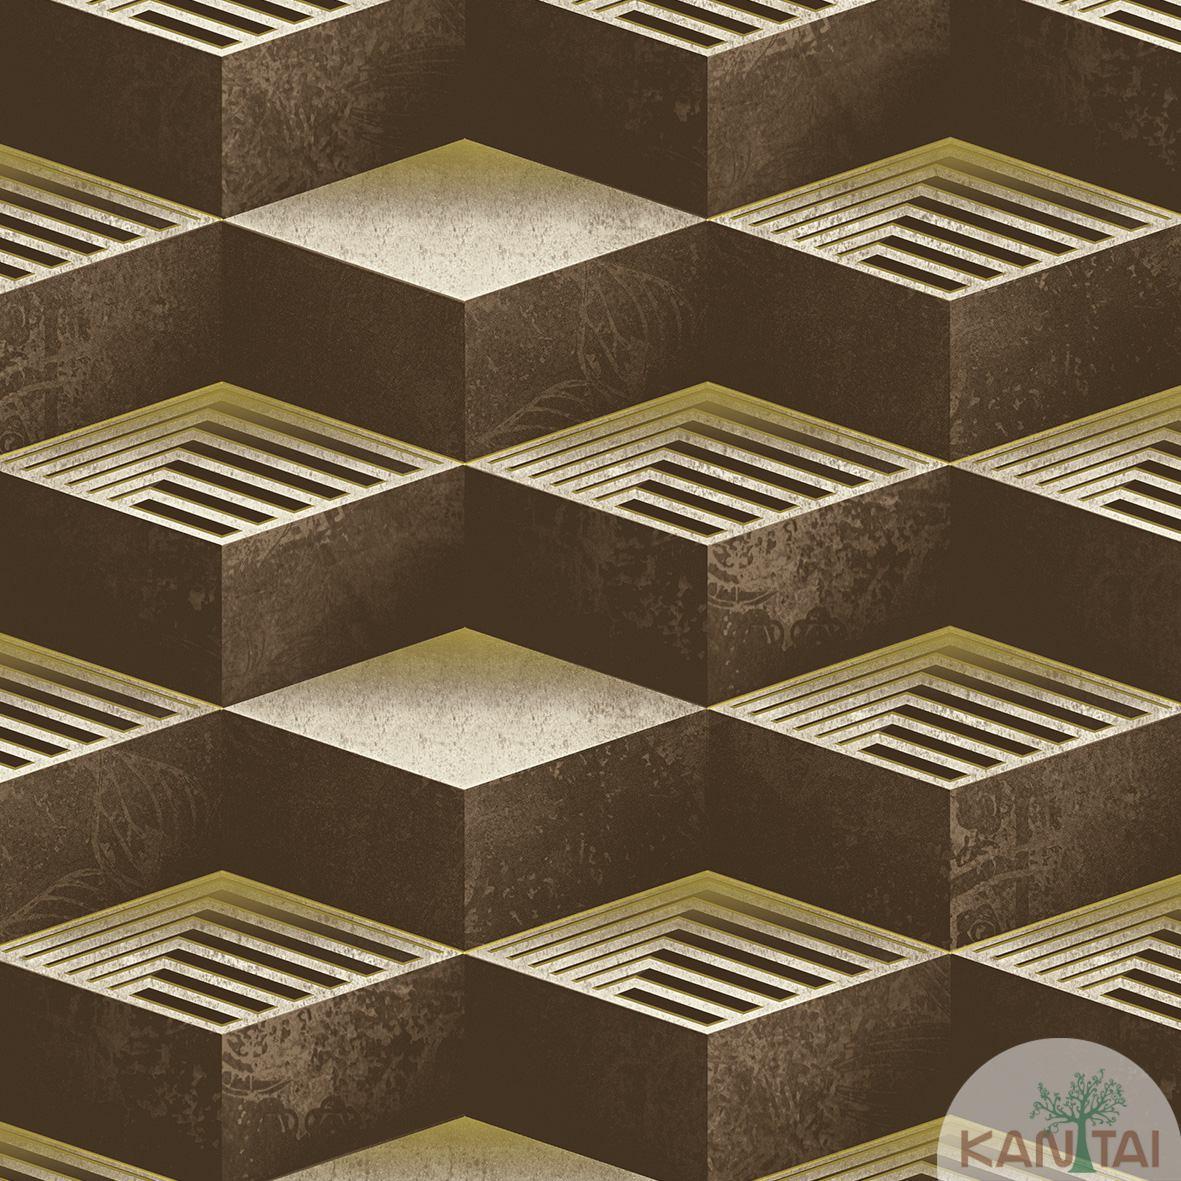 Papel de Parede  Kan Tai  Vinilico Coleção Neonature III Geométrico Marrom escuro, Dourado, Bege